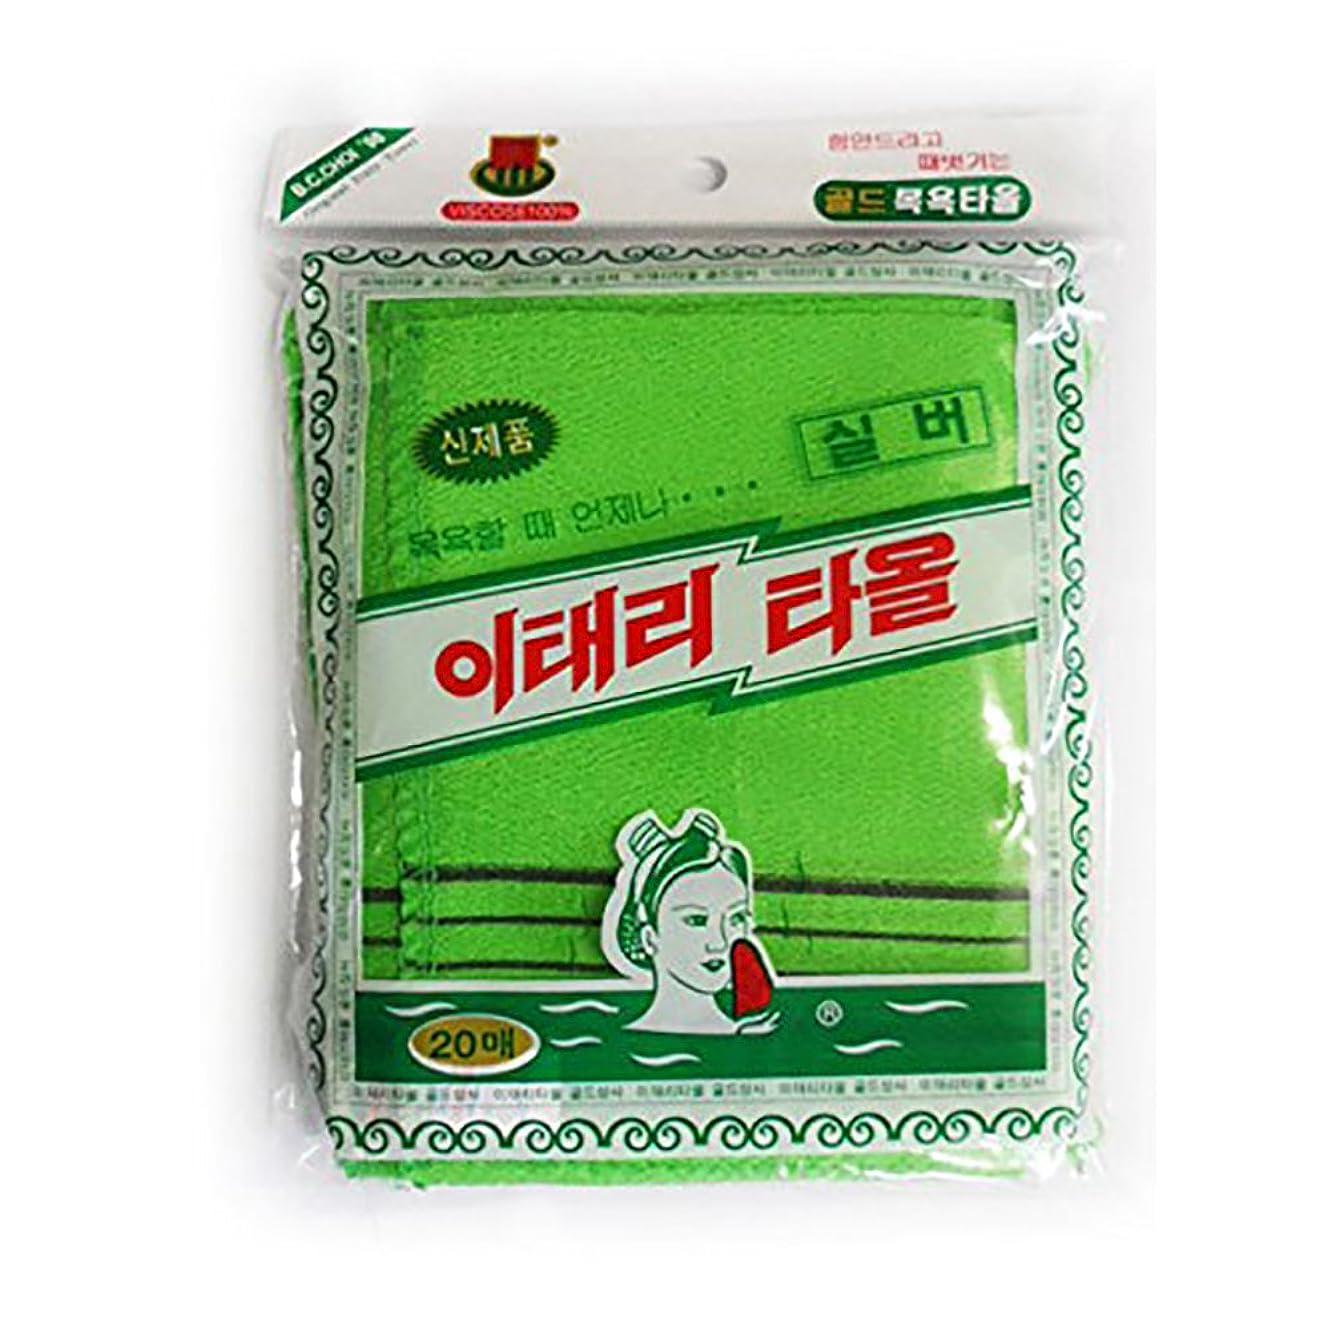 シリング休日に短命韓国式 あかすり タオル 20枚セット/Korean Exfoliating Scrub Bath Towel/Body Scrubs 20pcs [並行輸入品]